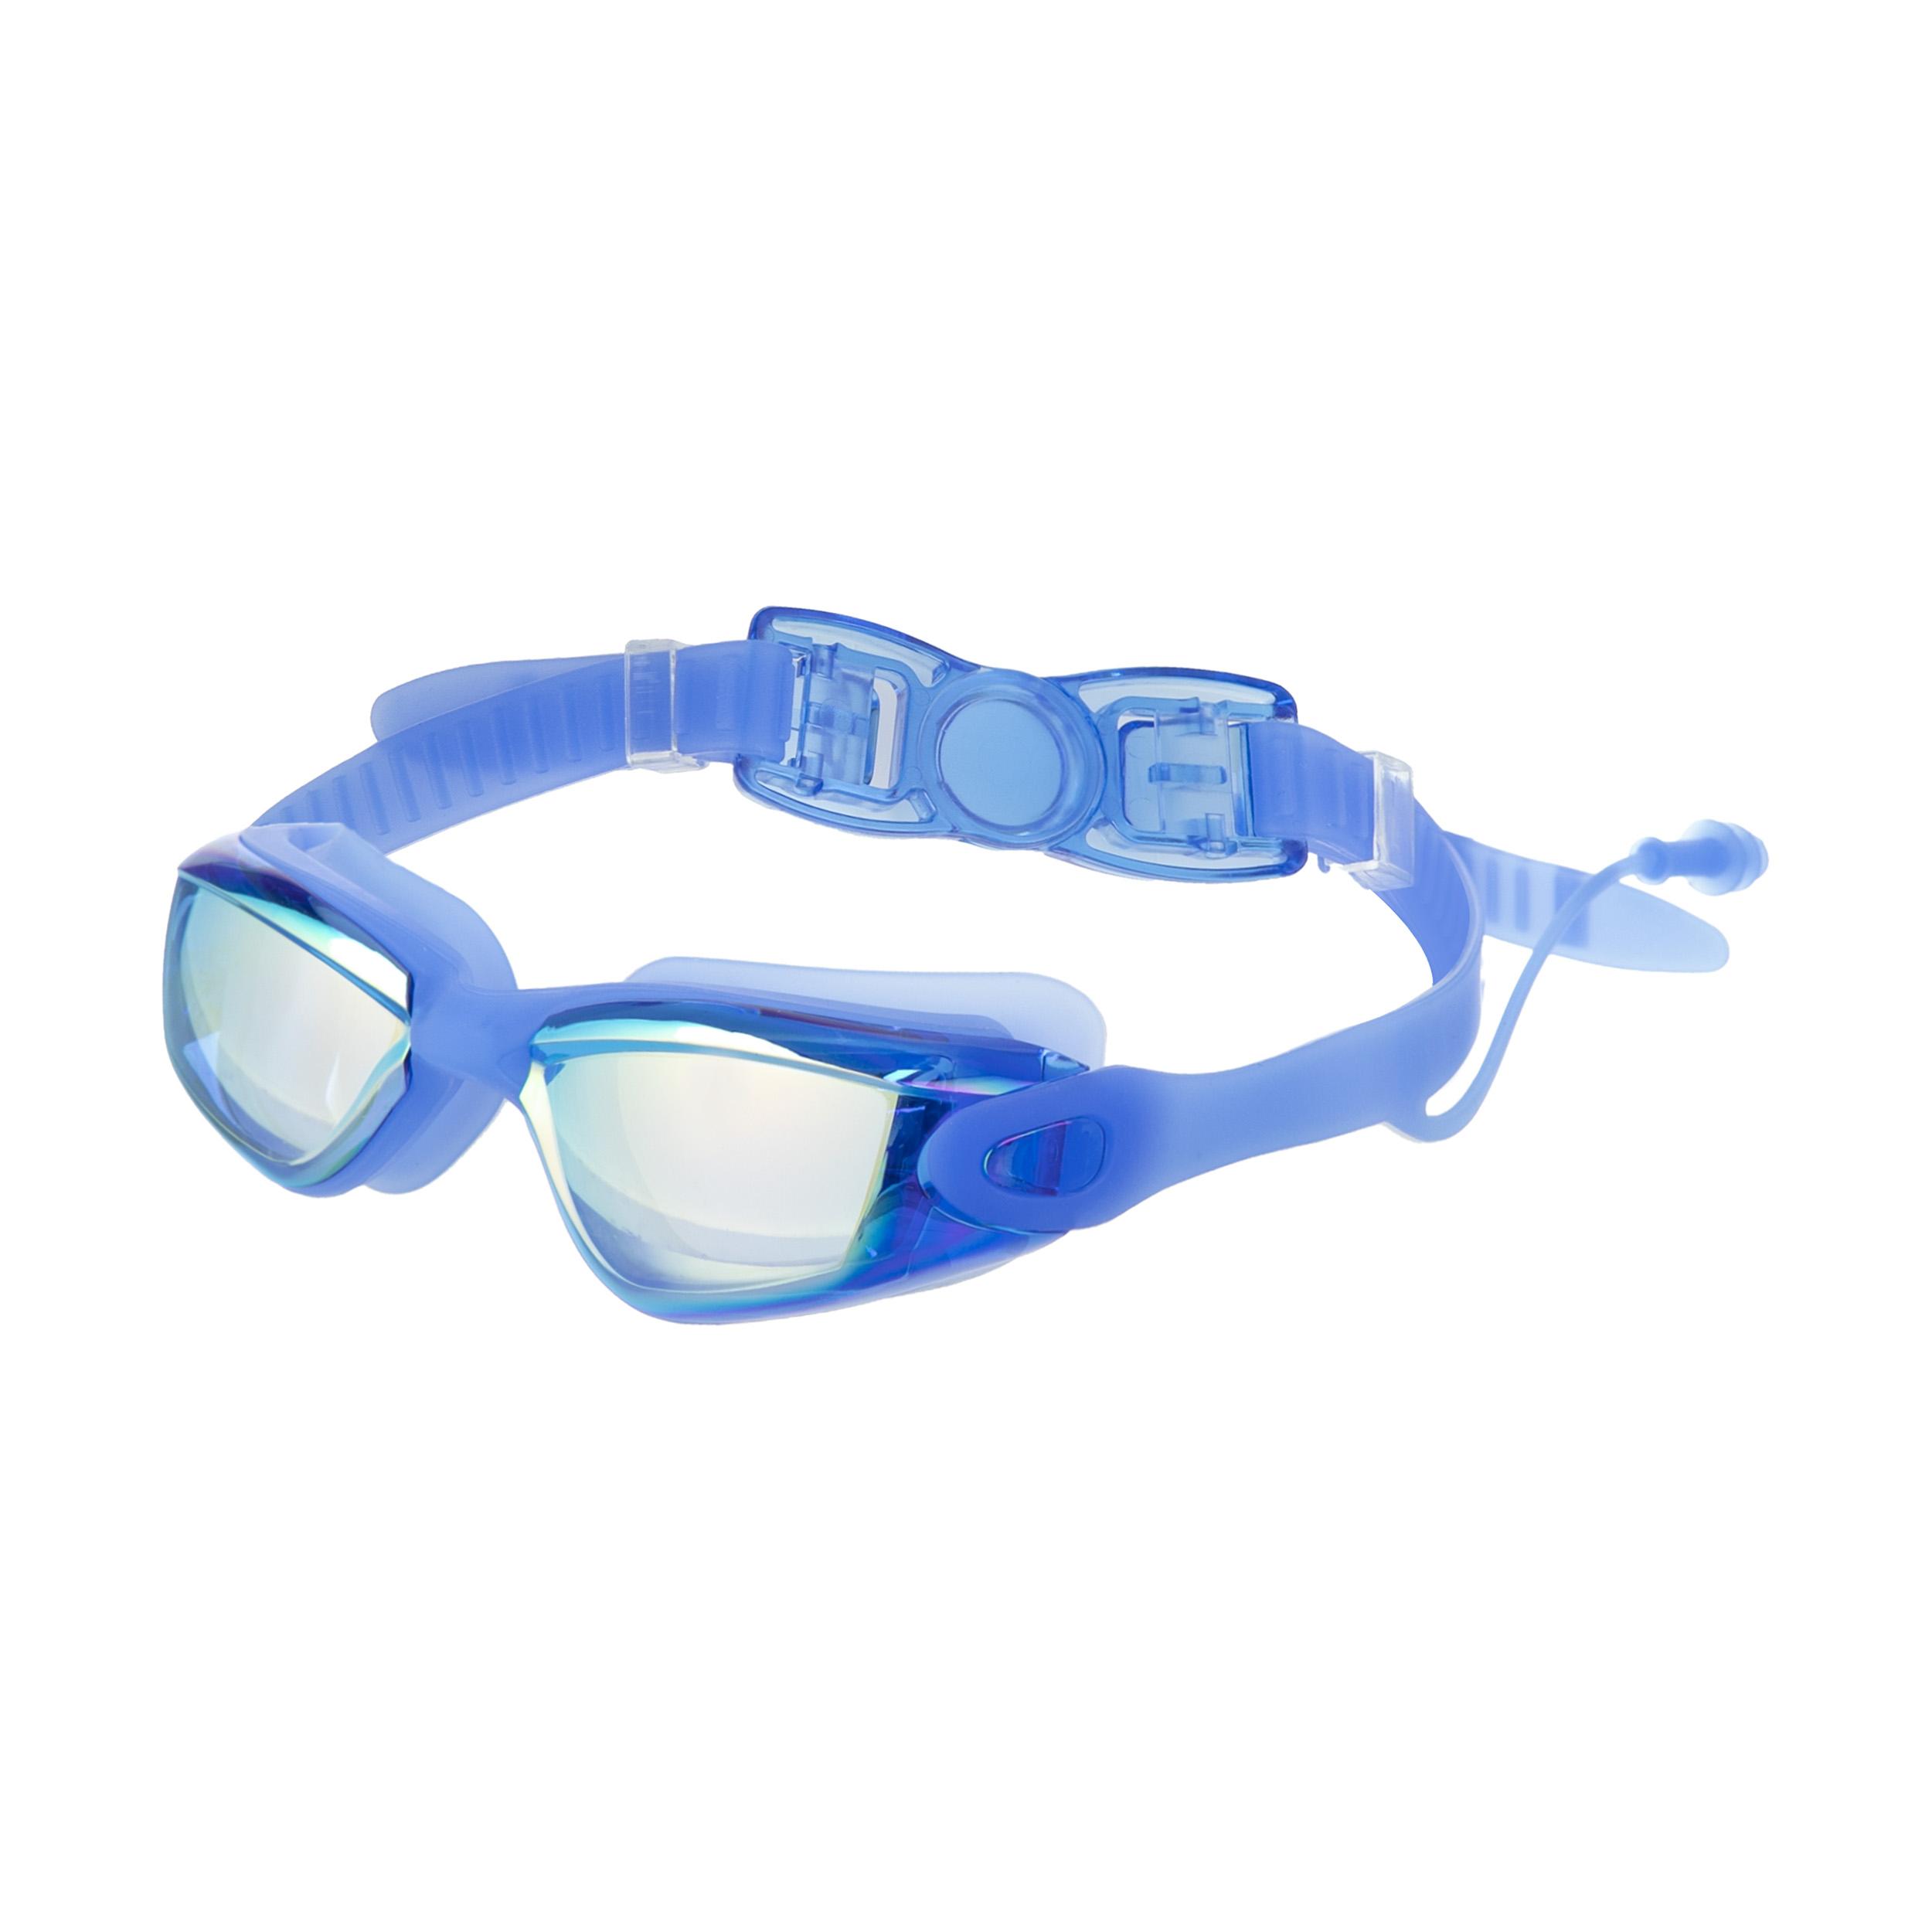 عینک شنا یاماکاوا کد 7136DM-N-4